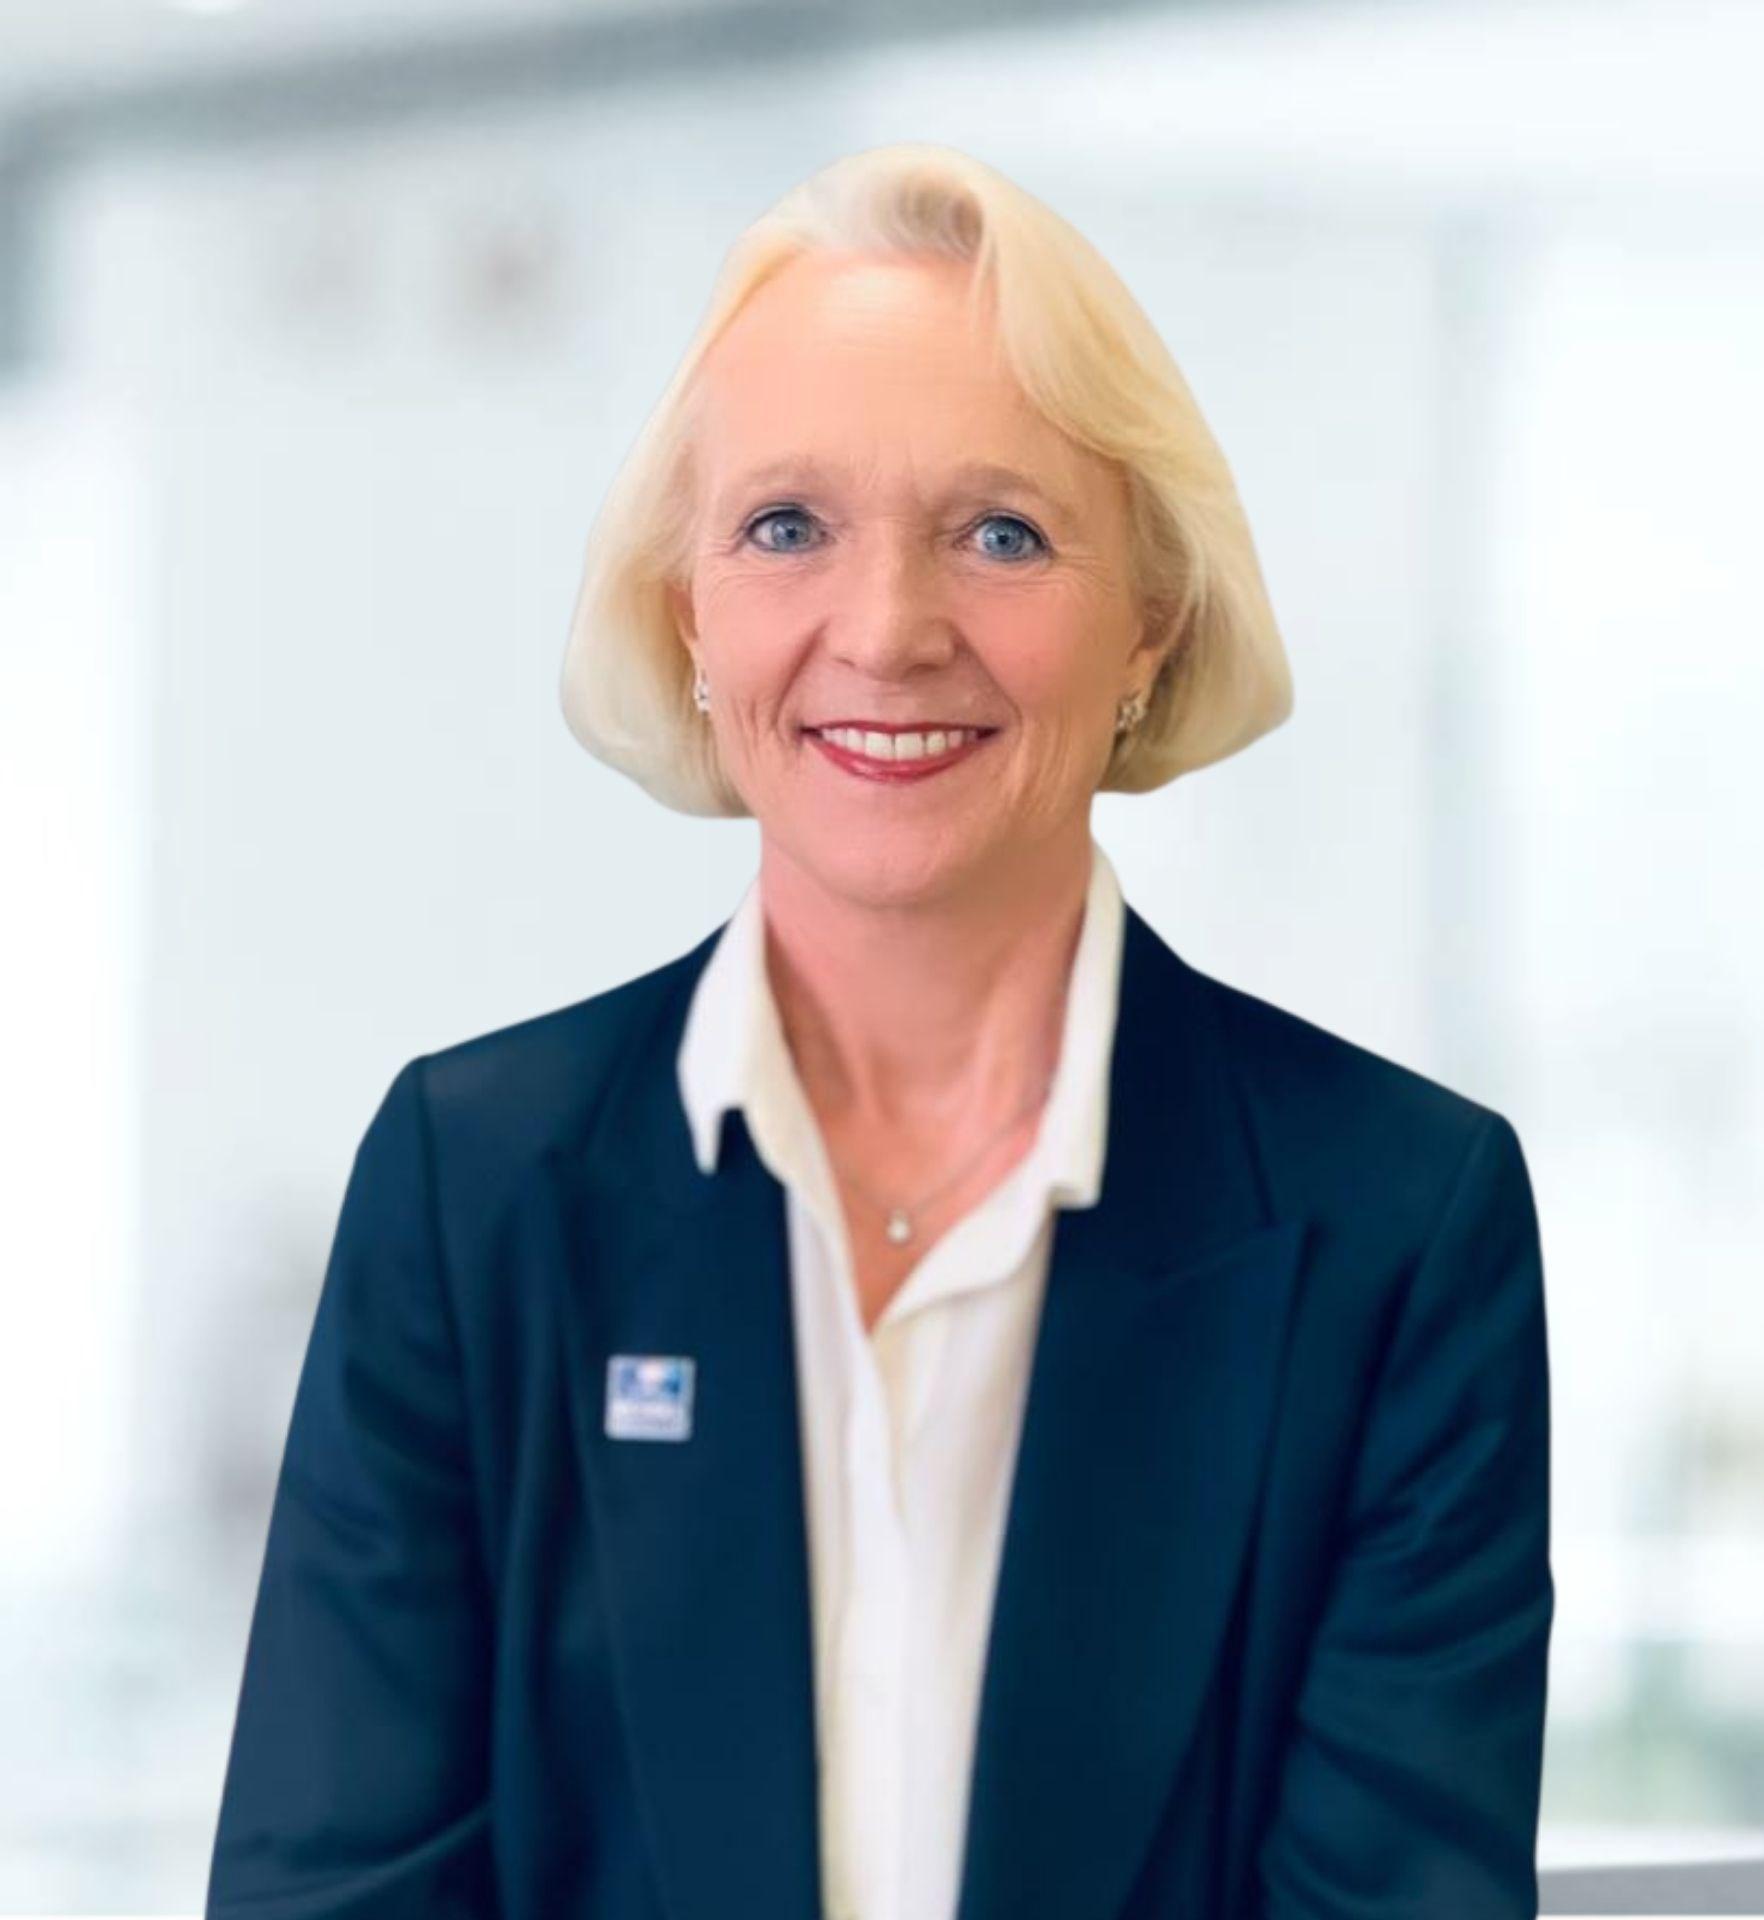 Annette Rorbek Christensen